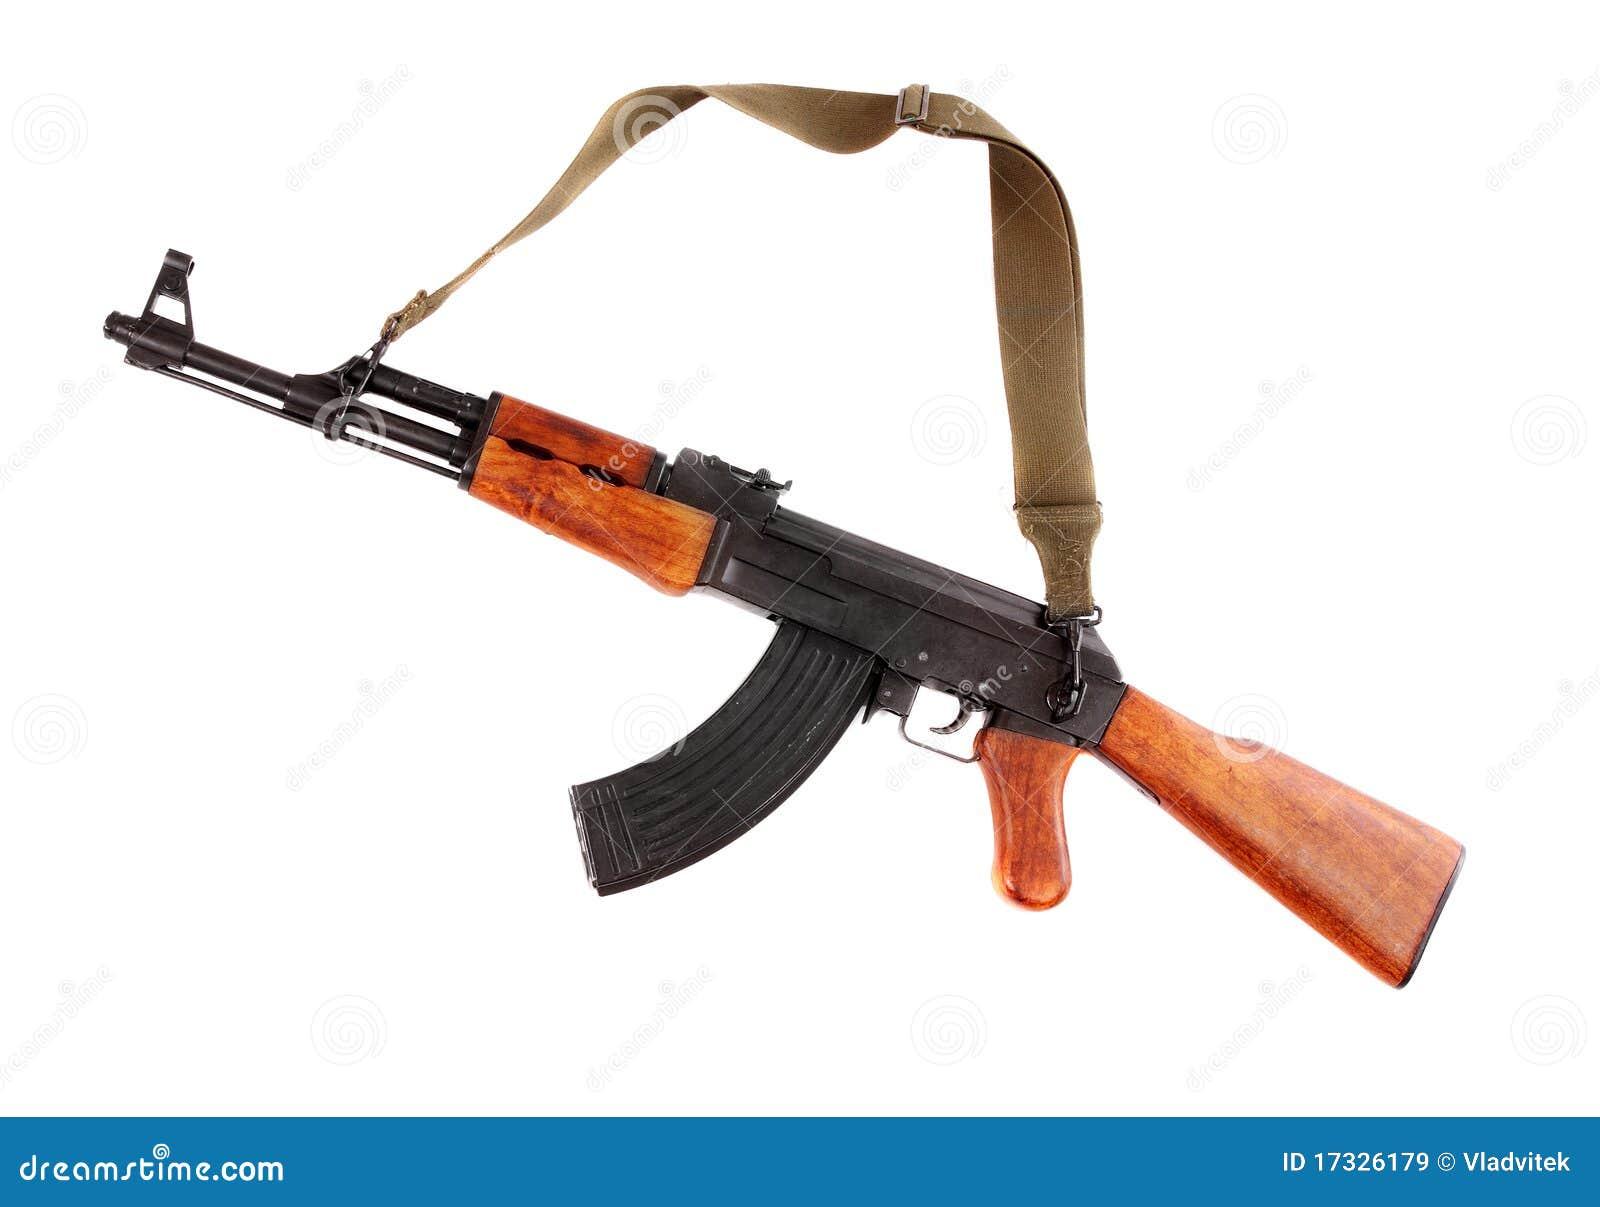 The assault rifle.